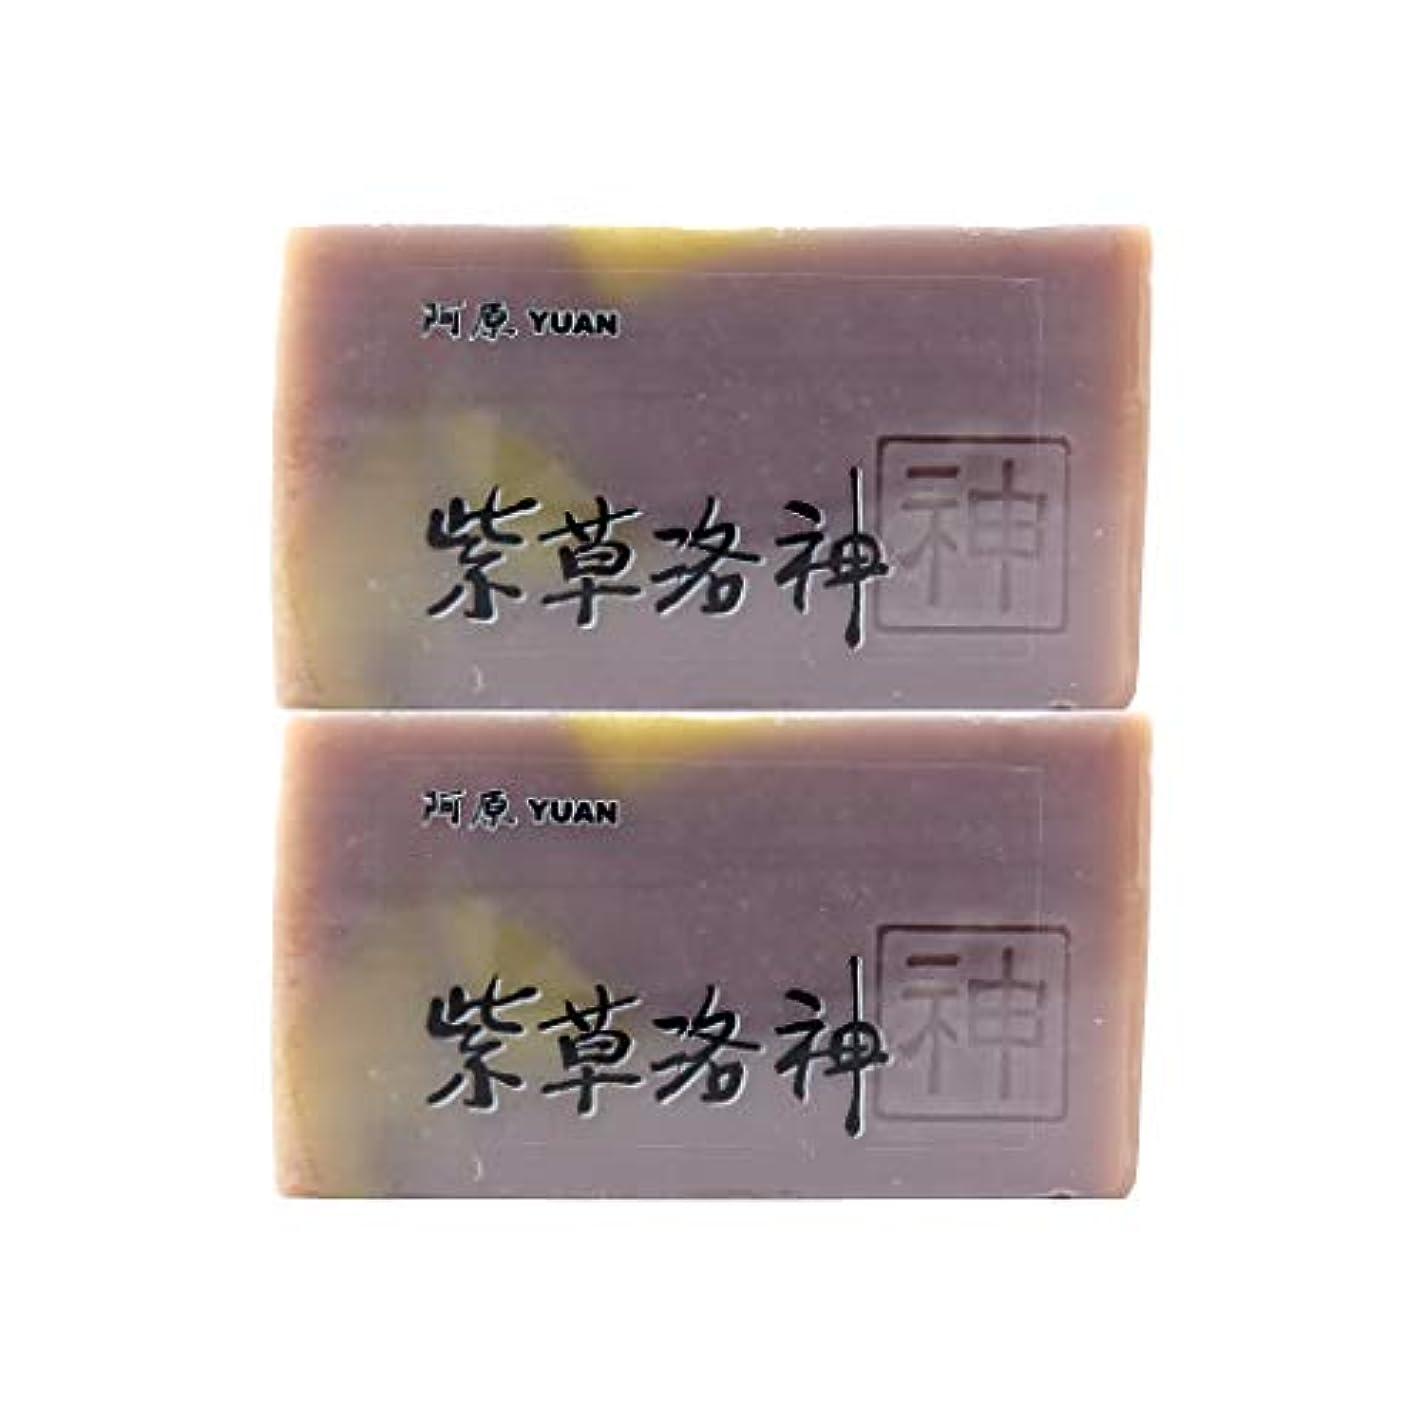 返還三番柱ユアン(YUAN) ハイビスカスソープ 100g (2個セット)